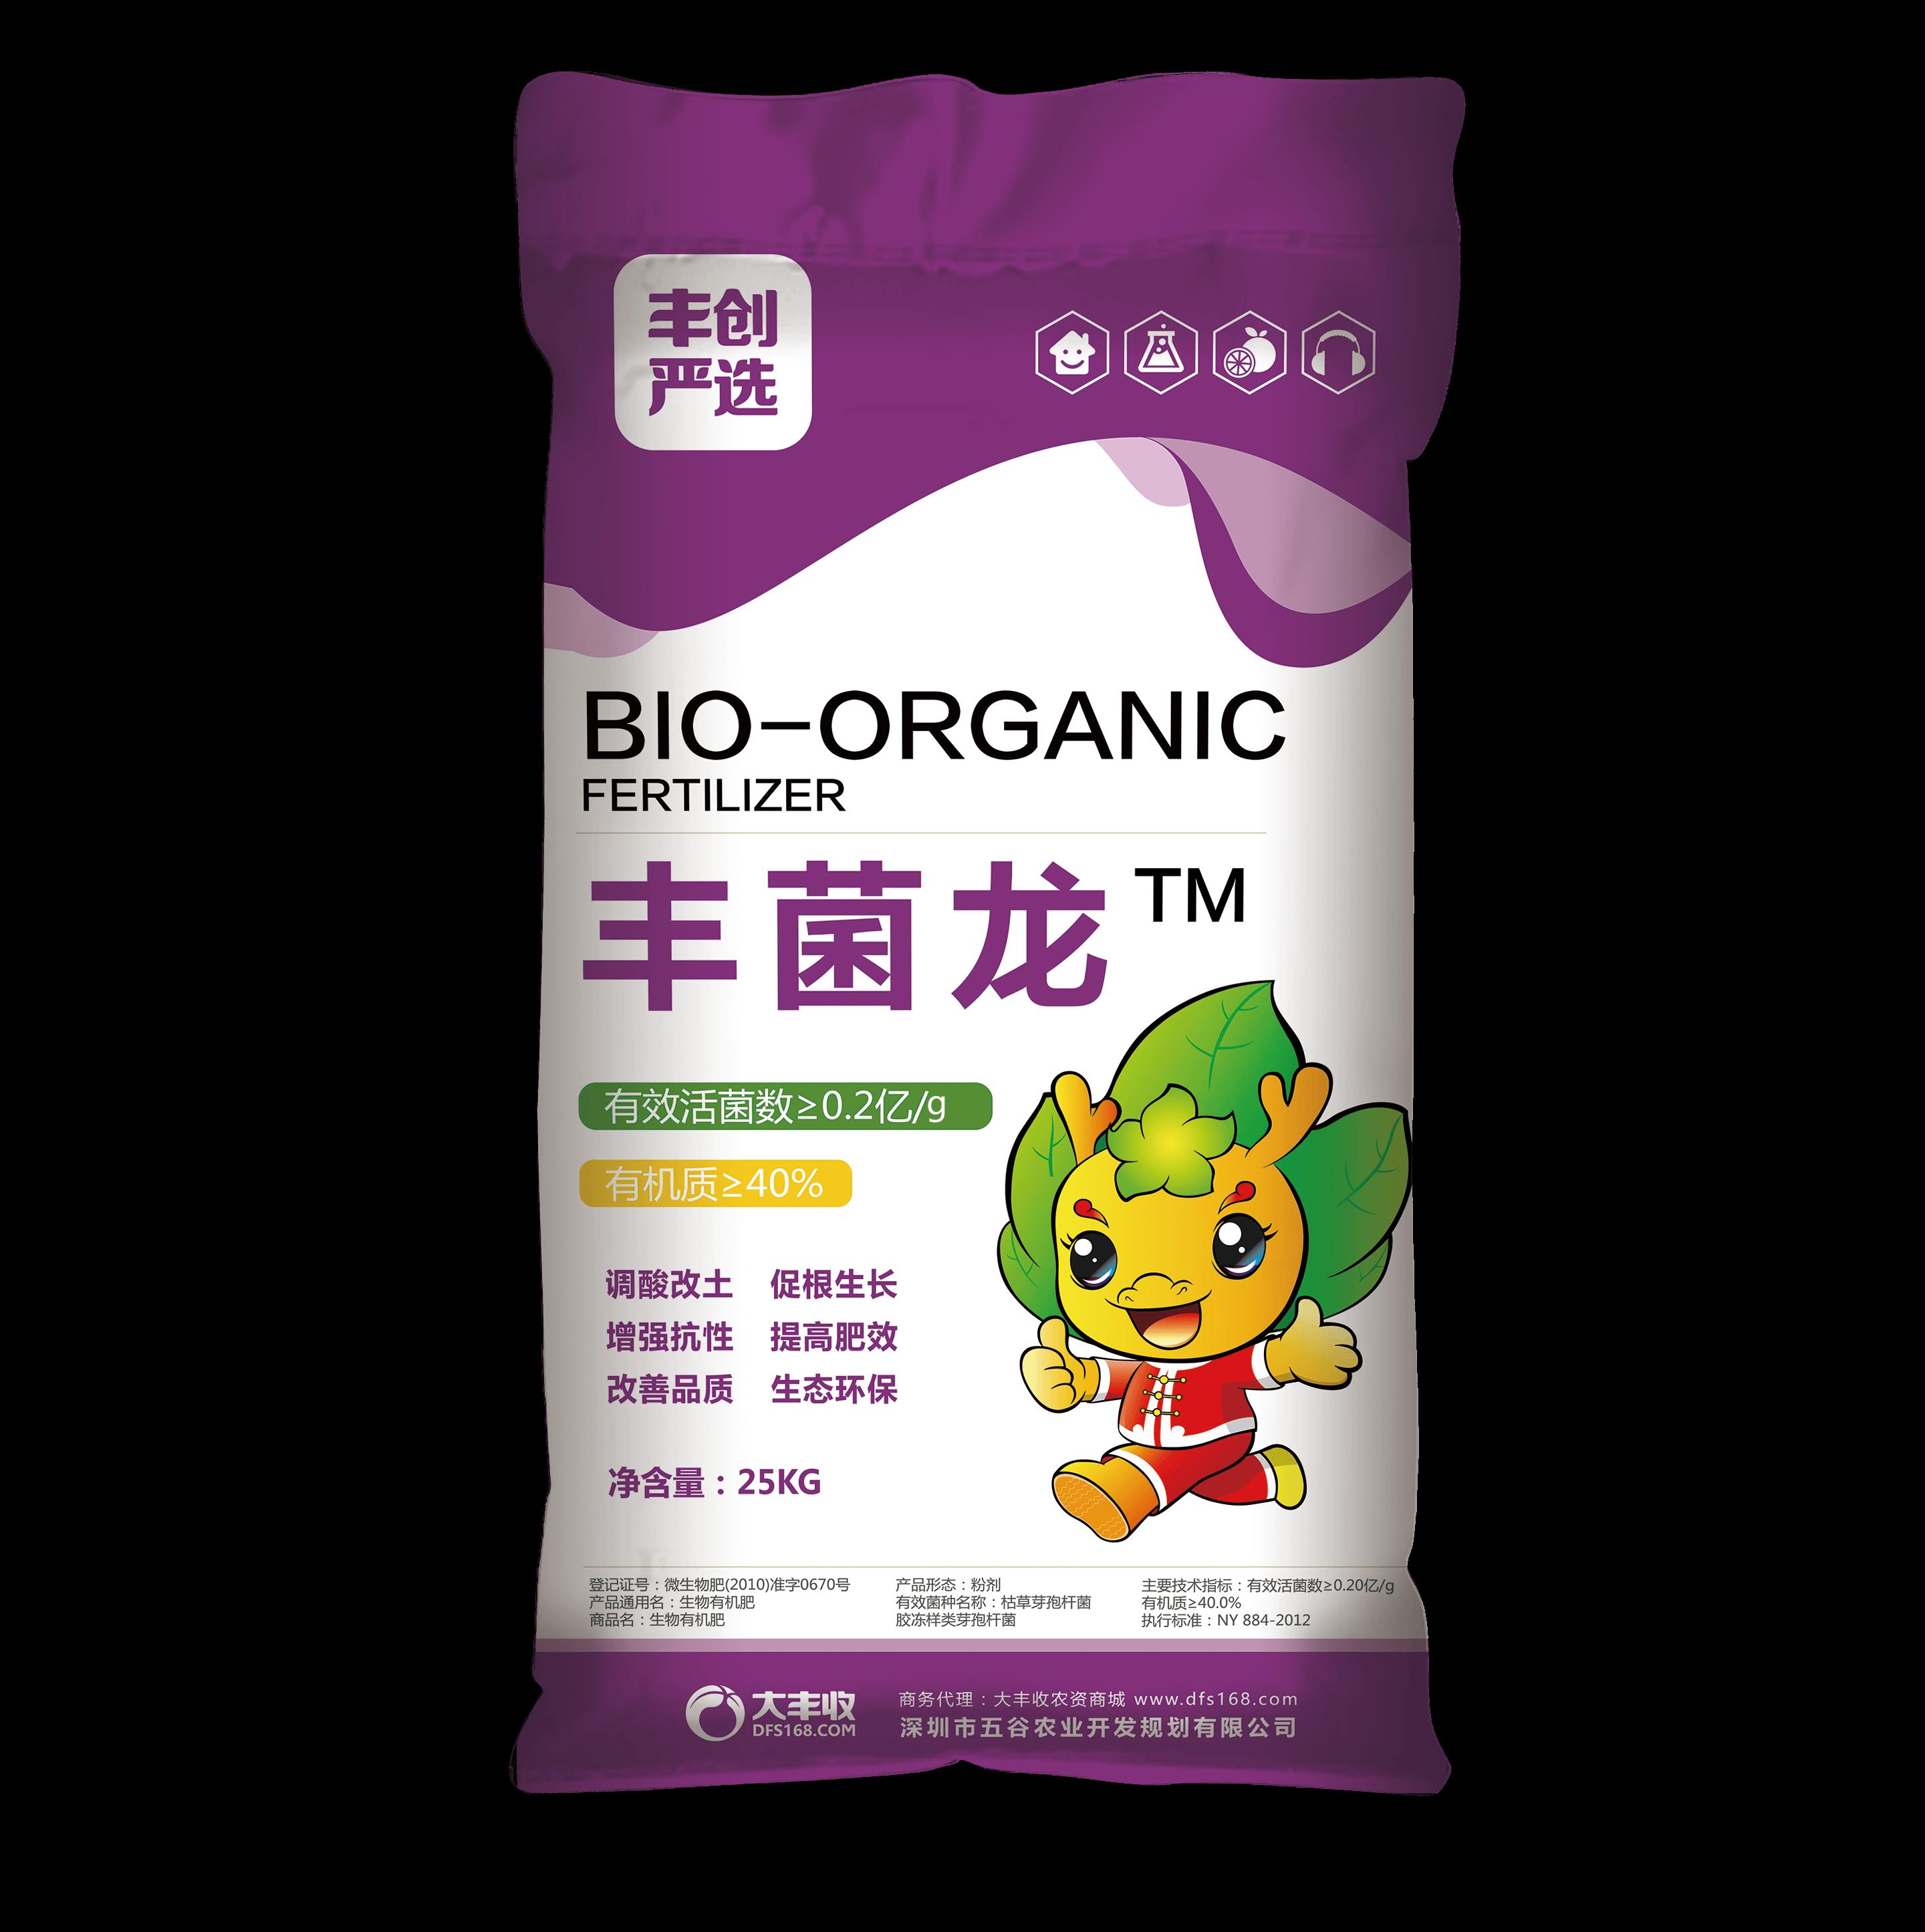 【丰创严选】丰菌龙生物有机肥25kg 25kg*40袋